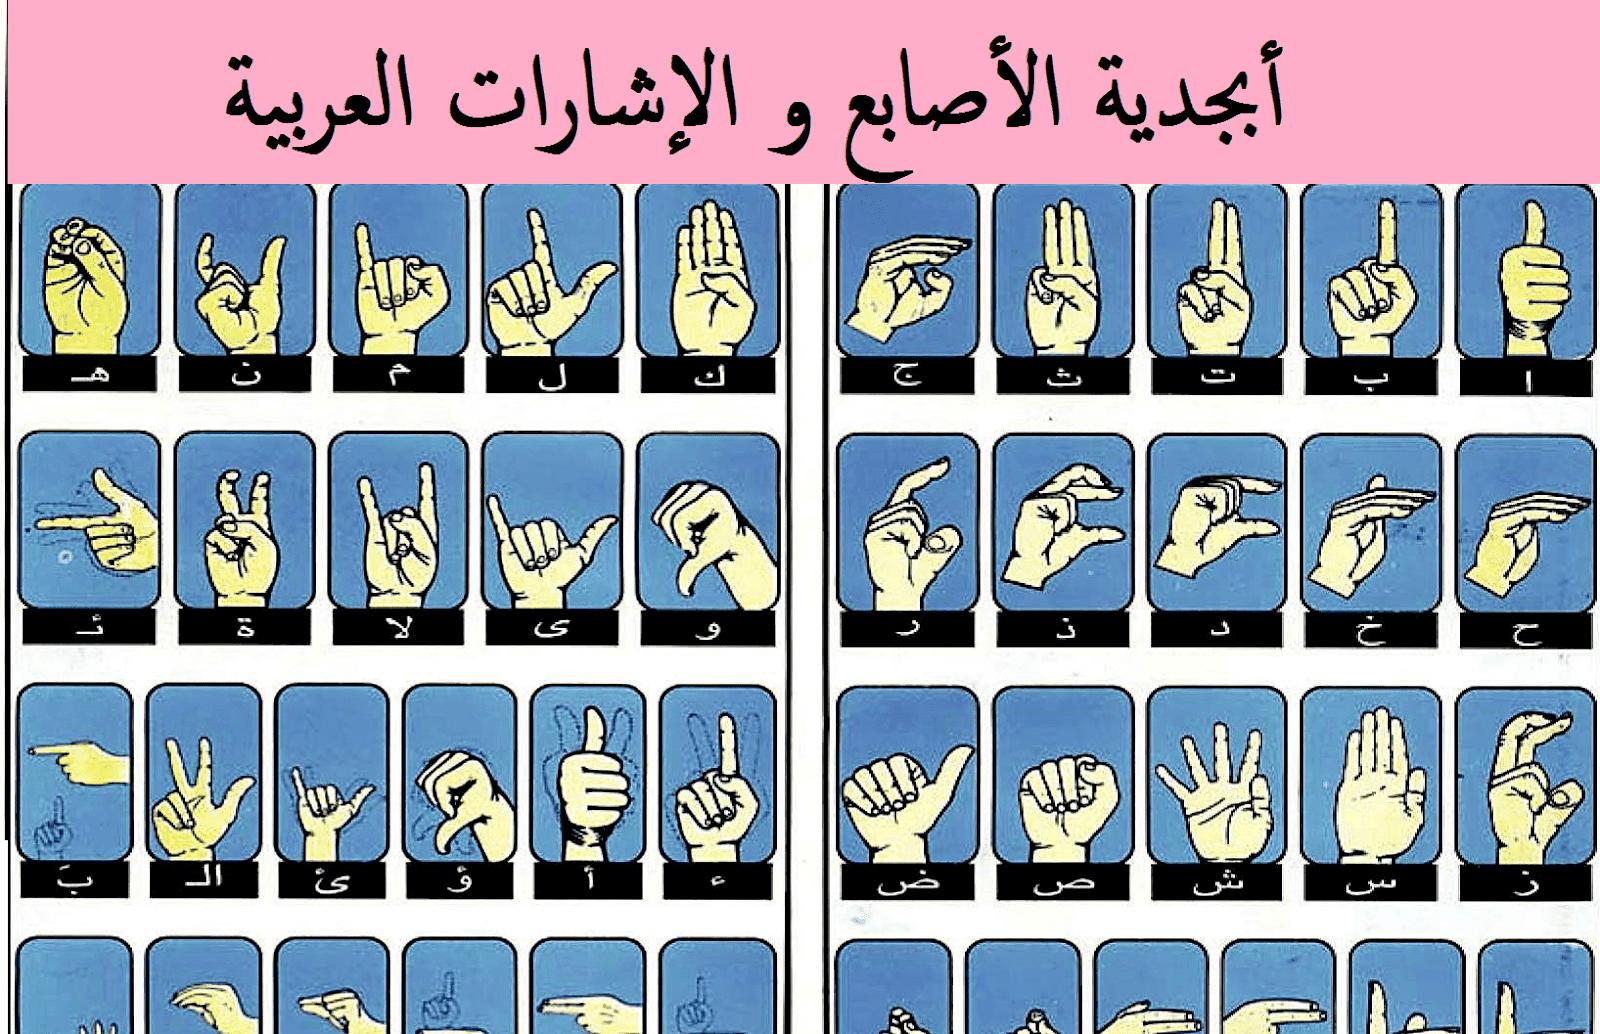 تعلم لغة قاموس لغة الاشارة للصم والبكم